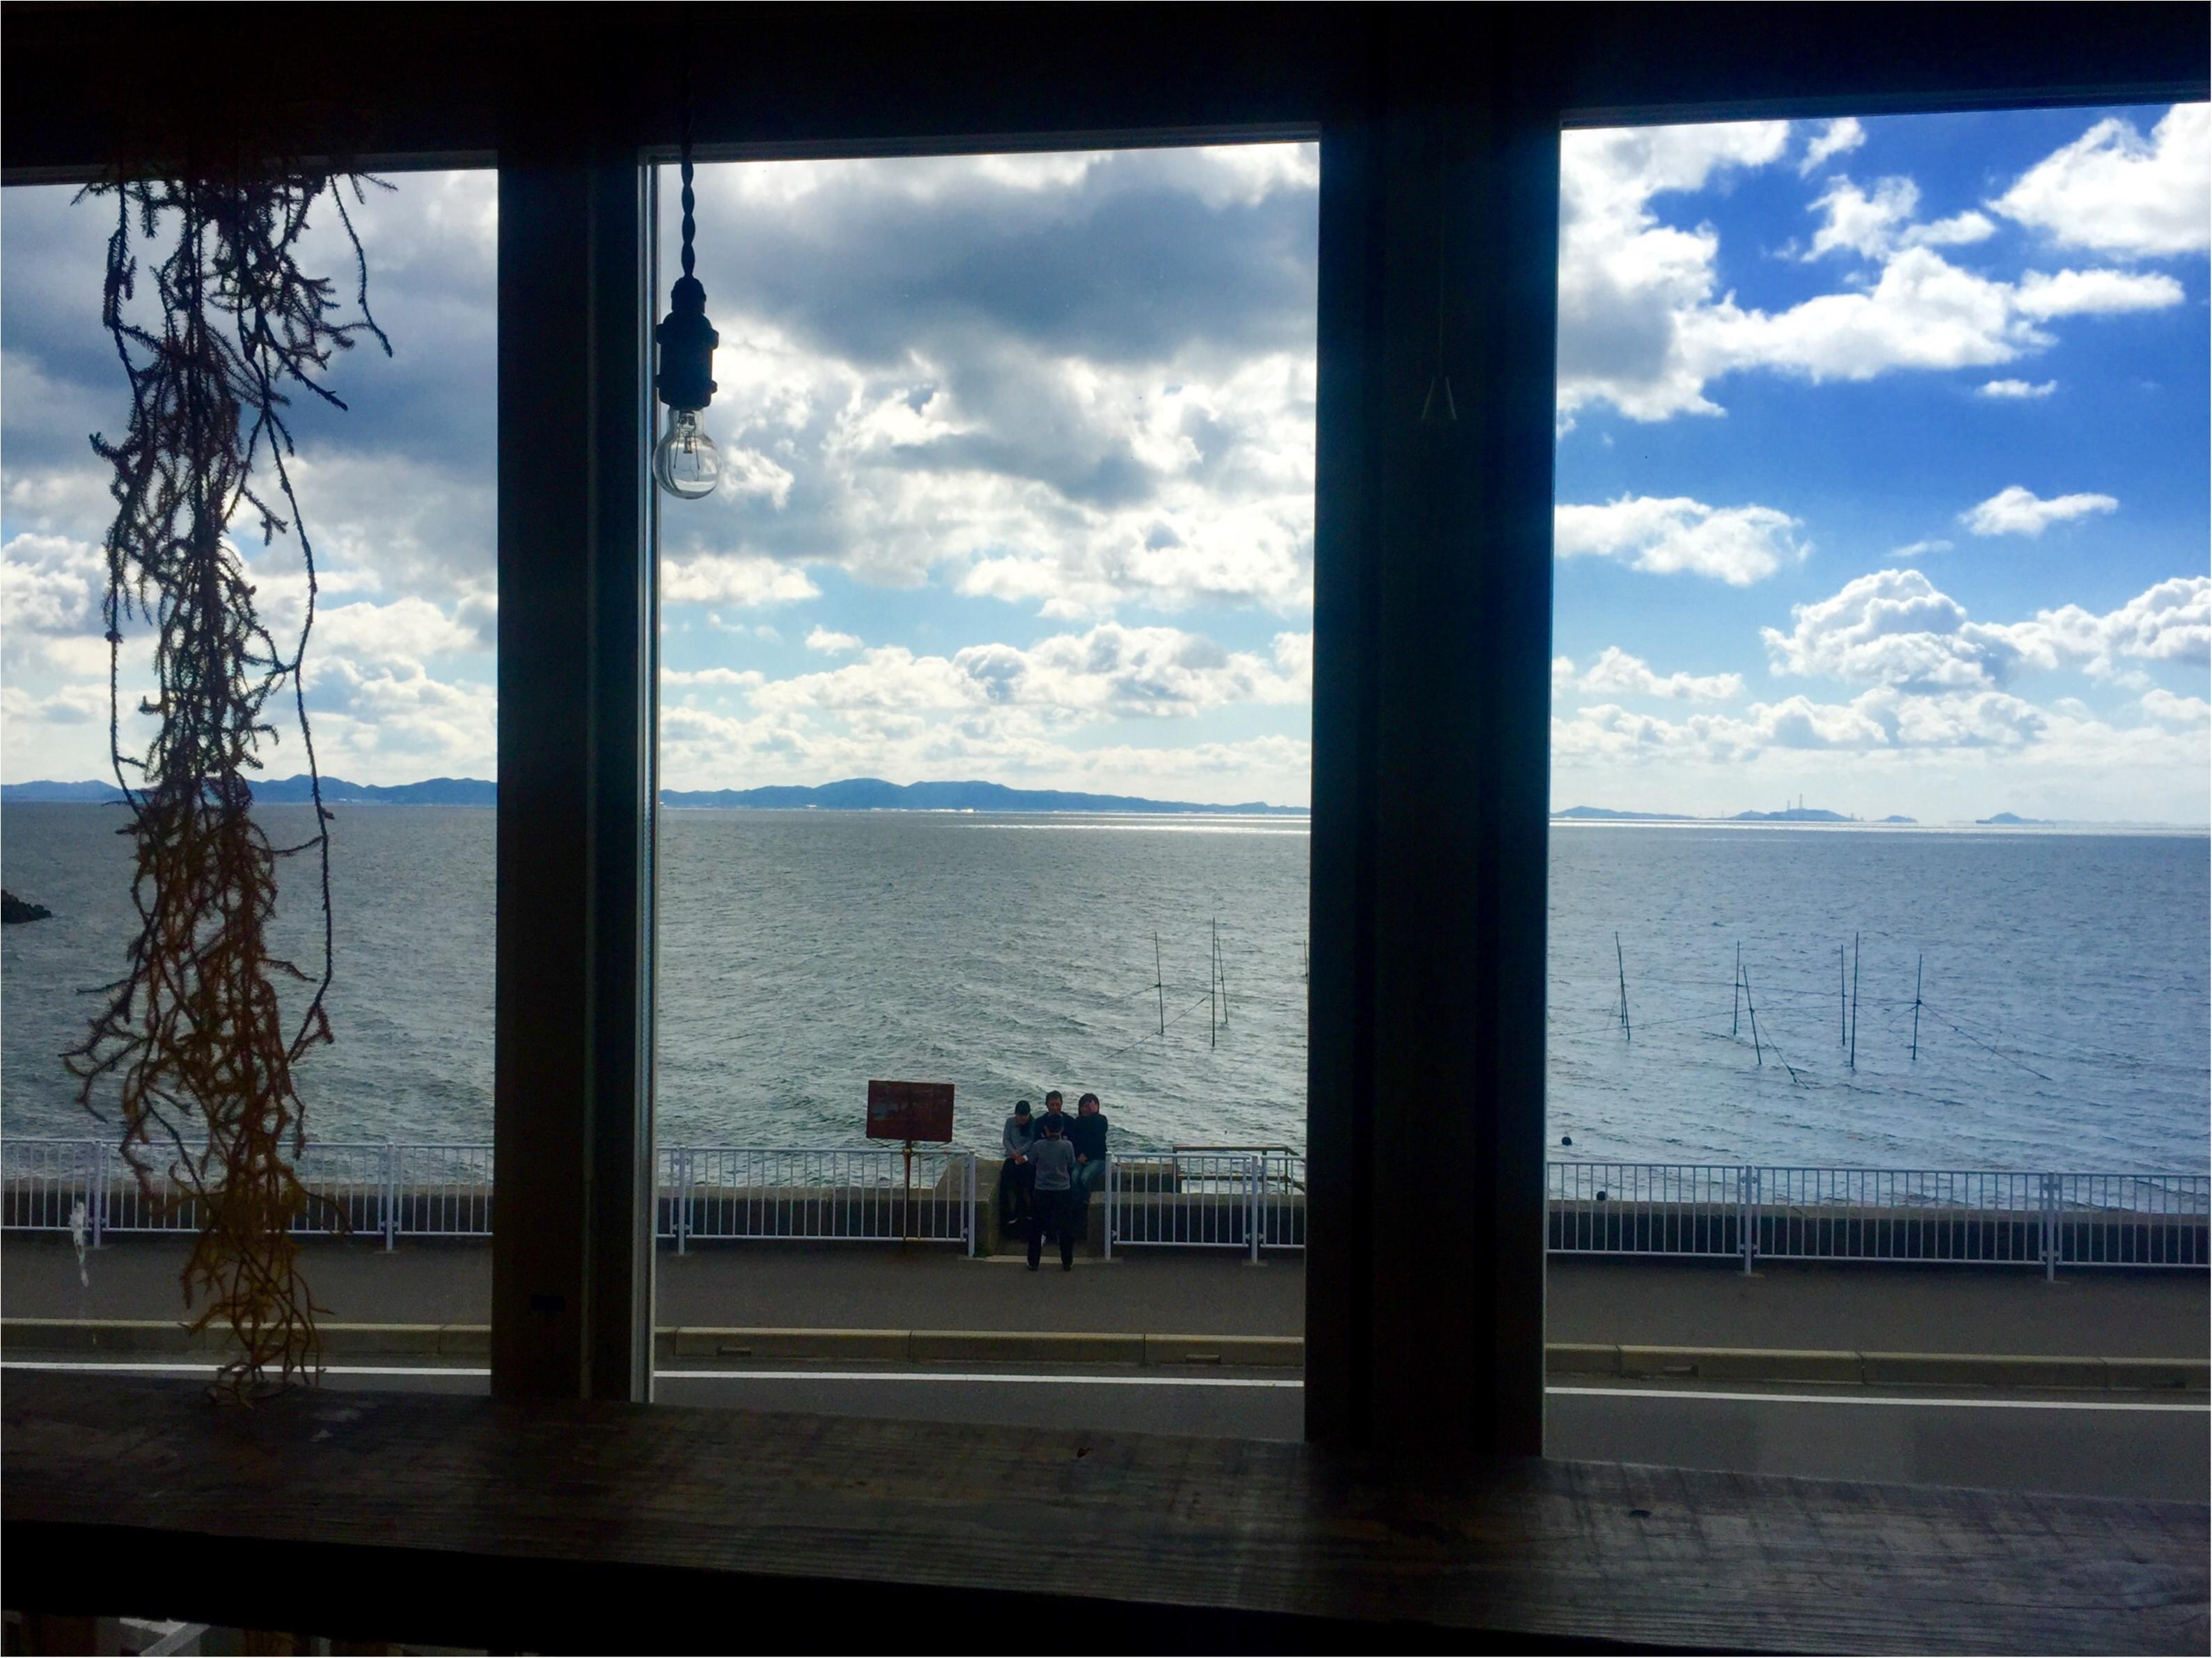 【愛知県西尾市】cafe Oceanでゆとりある時間を楽しもう!_3